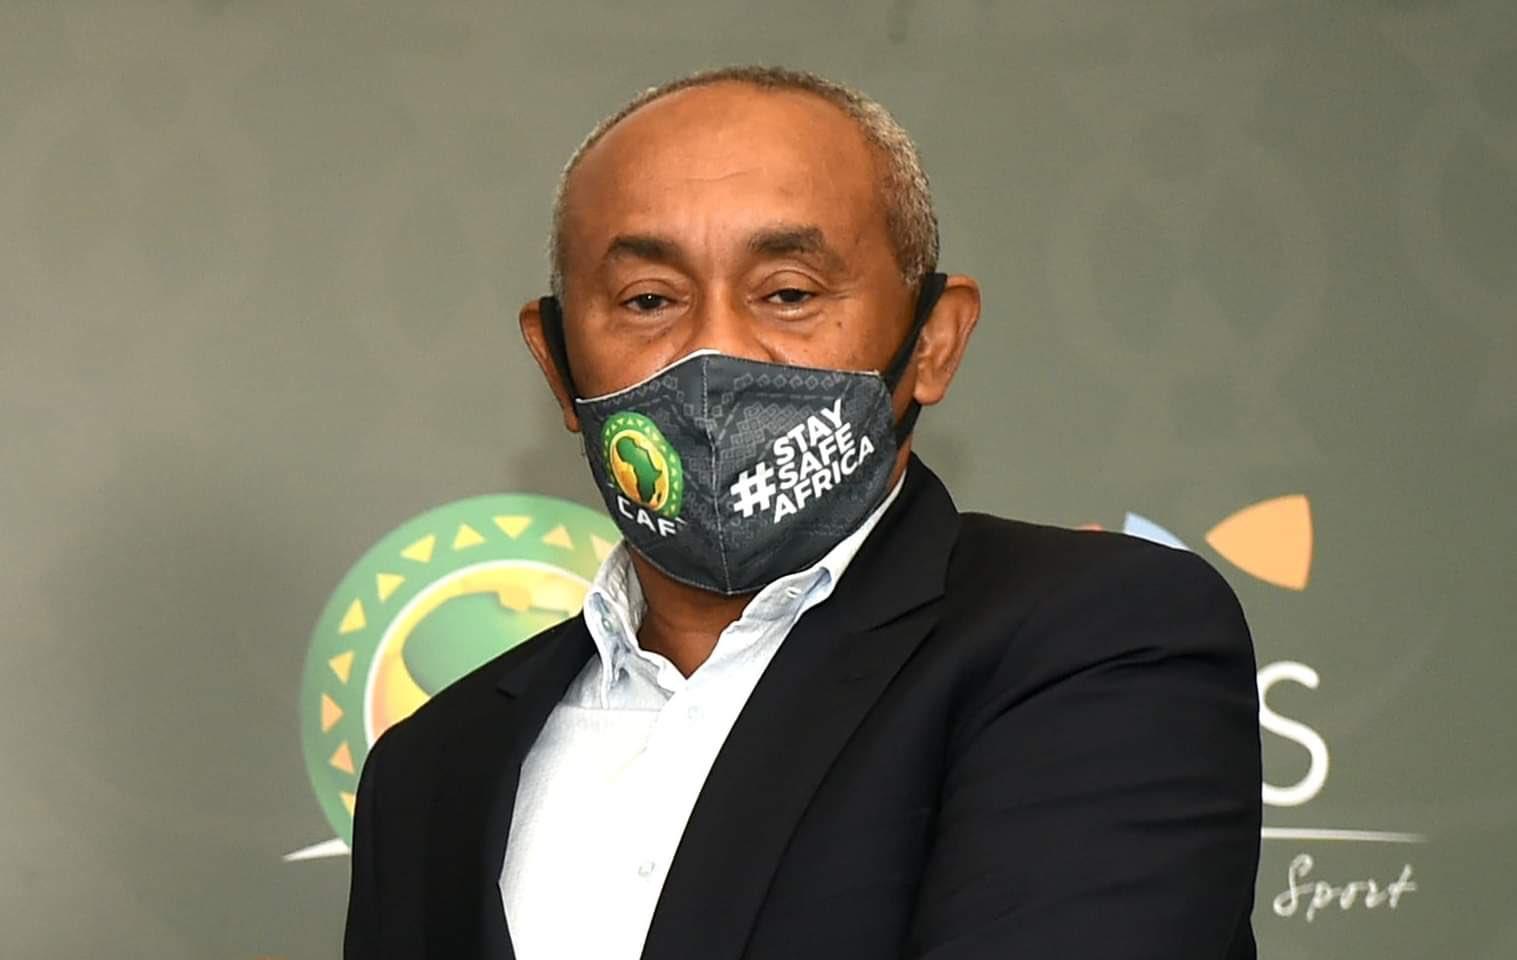 أحمد أحمد و نائبه 'أوماري' في مرمى لجنة أخلاقيات الفيفا